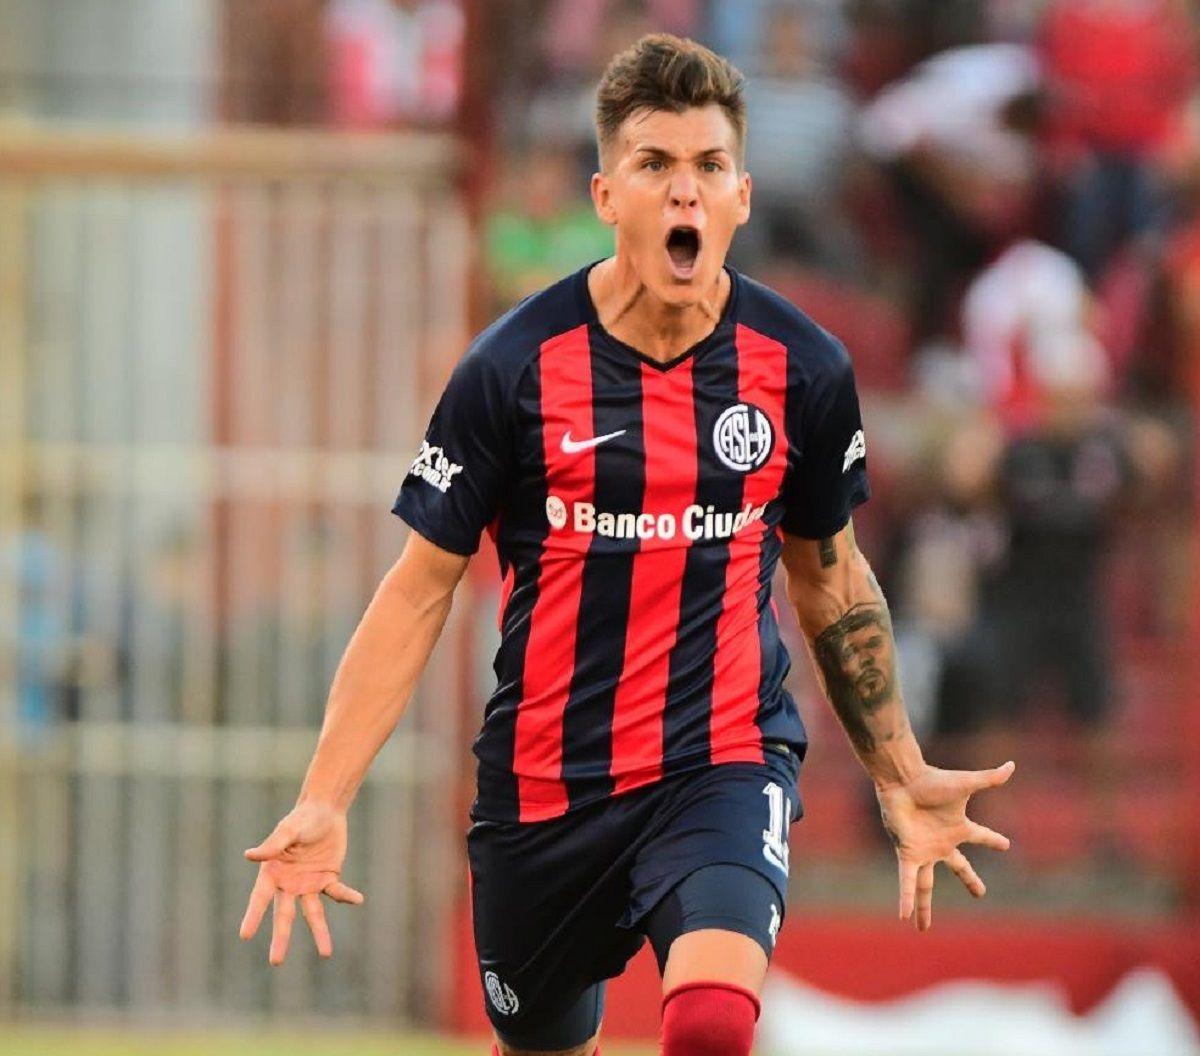 Nicolás Reniero en San Lorenzo - Crédito:@SanLorenzo